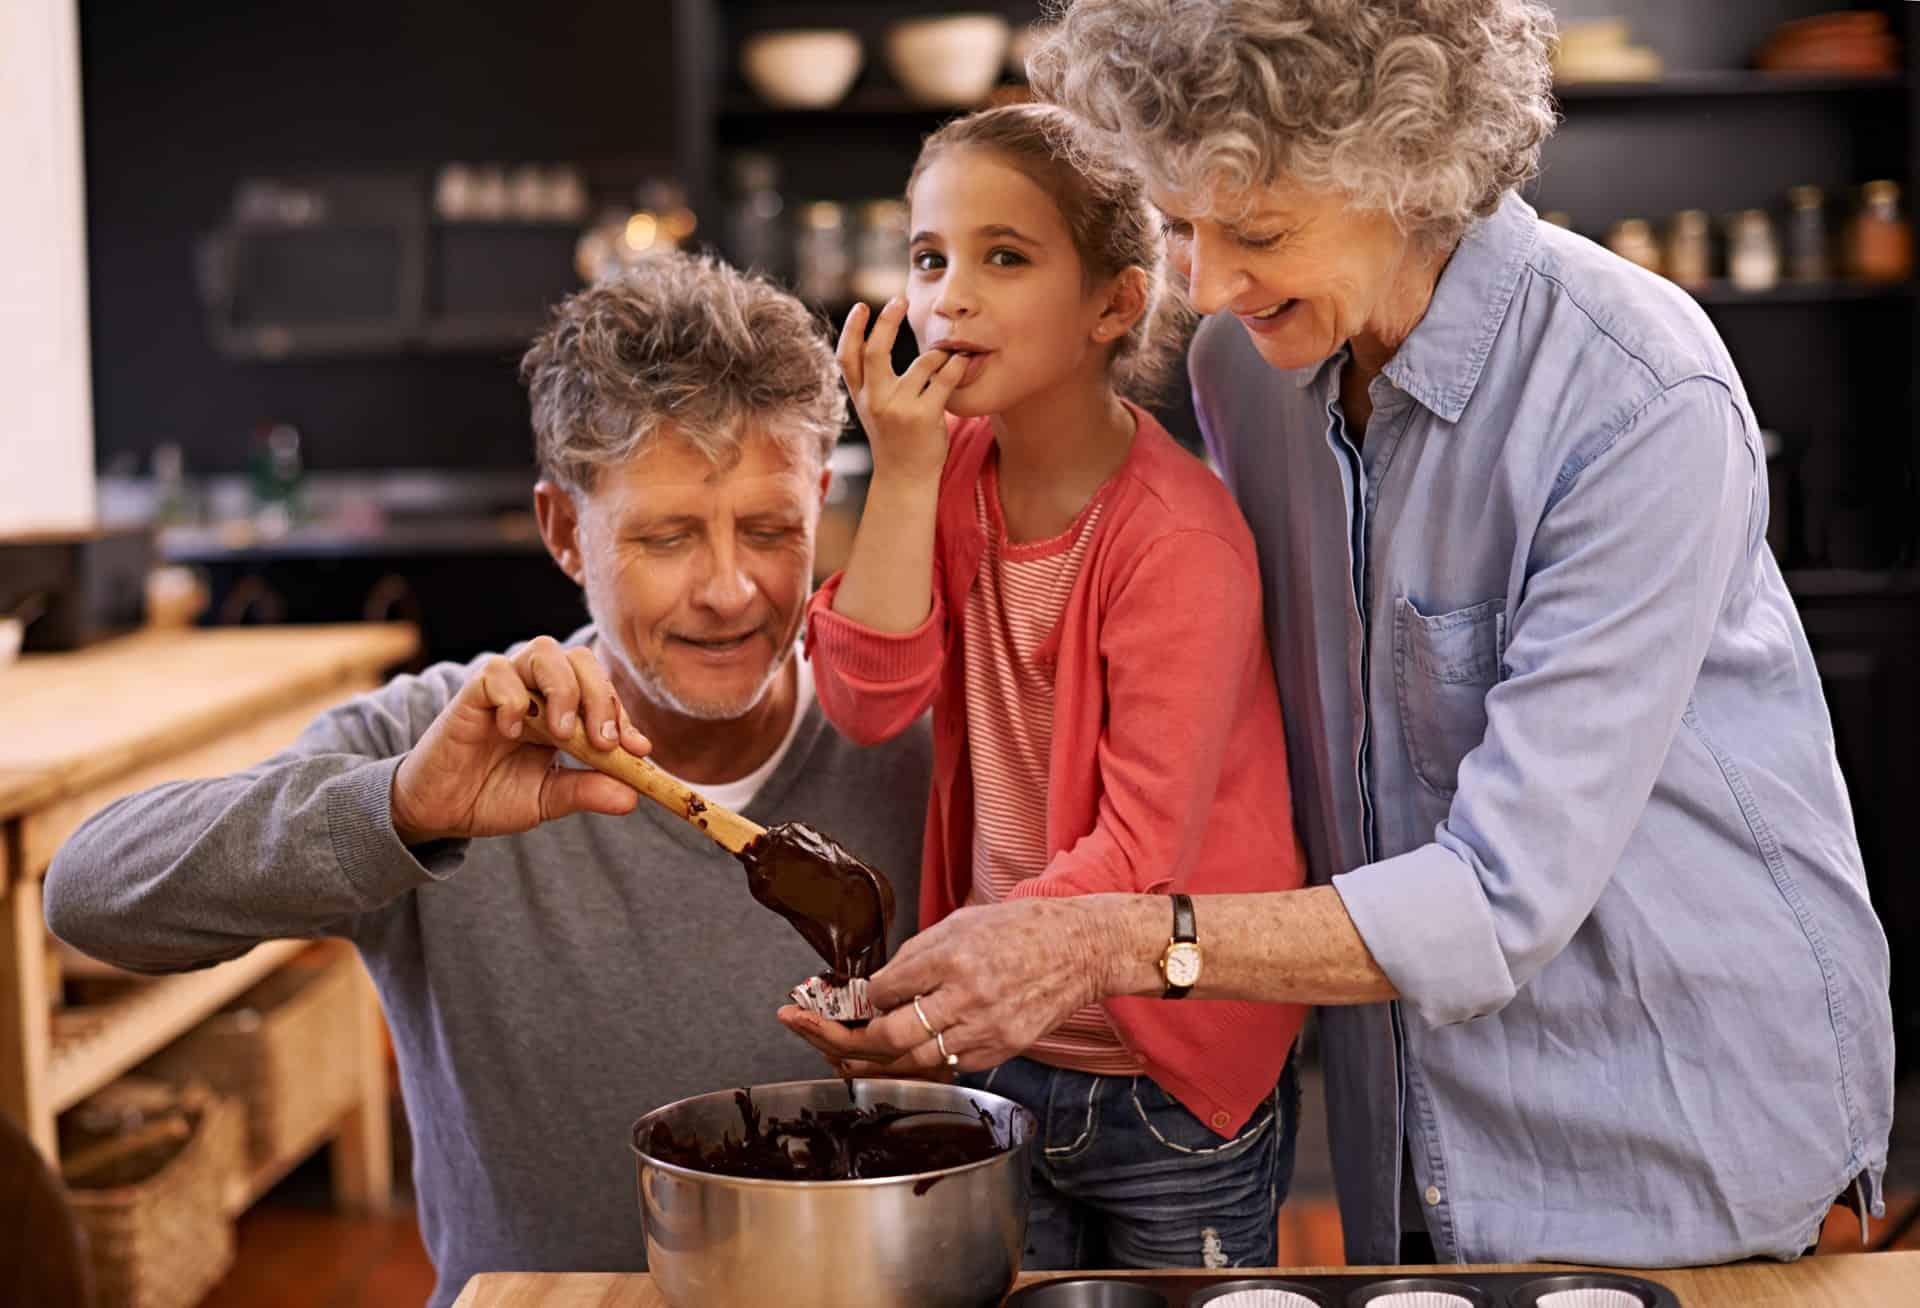 Andere regels bij oma en opa: hoe ga je daar als ouder mee om?